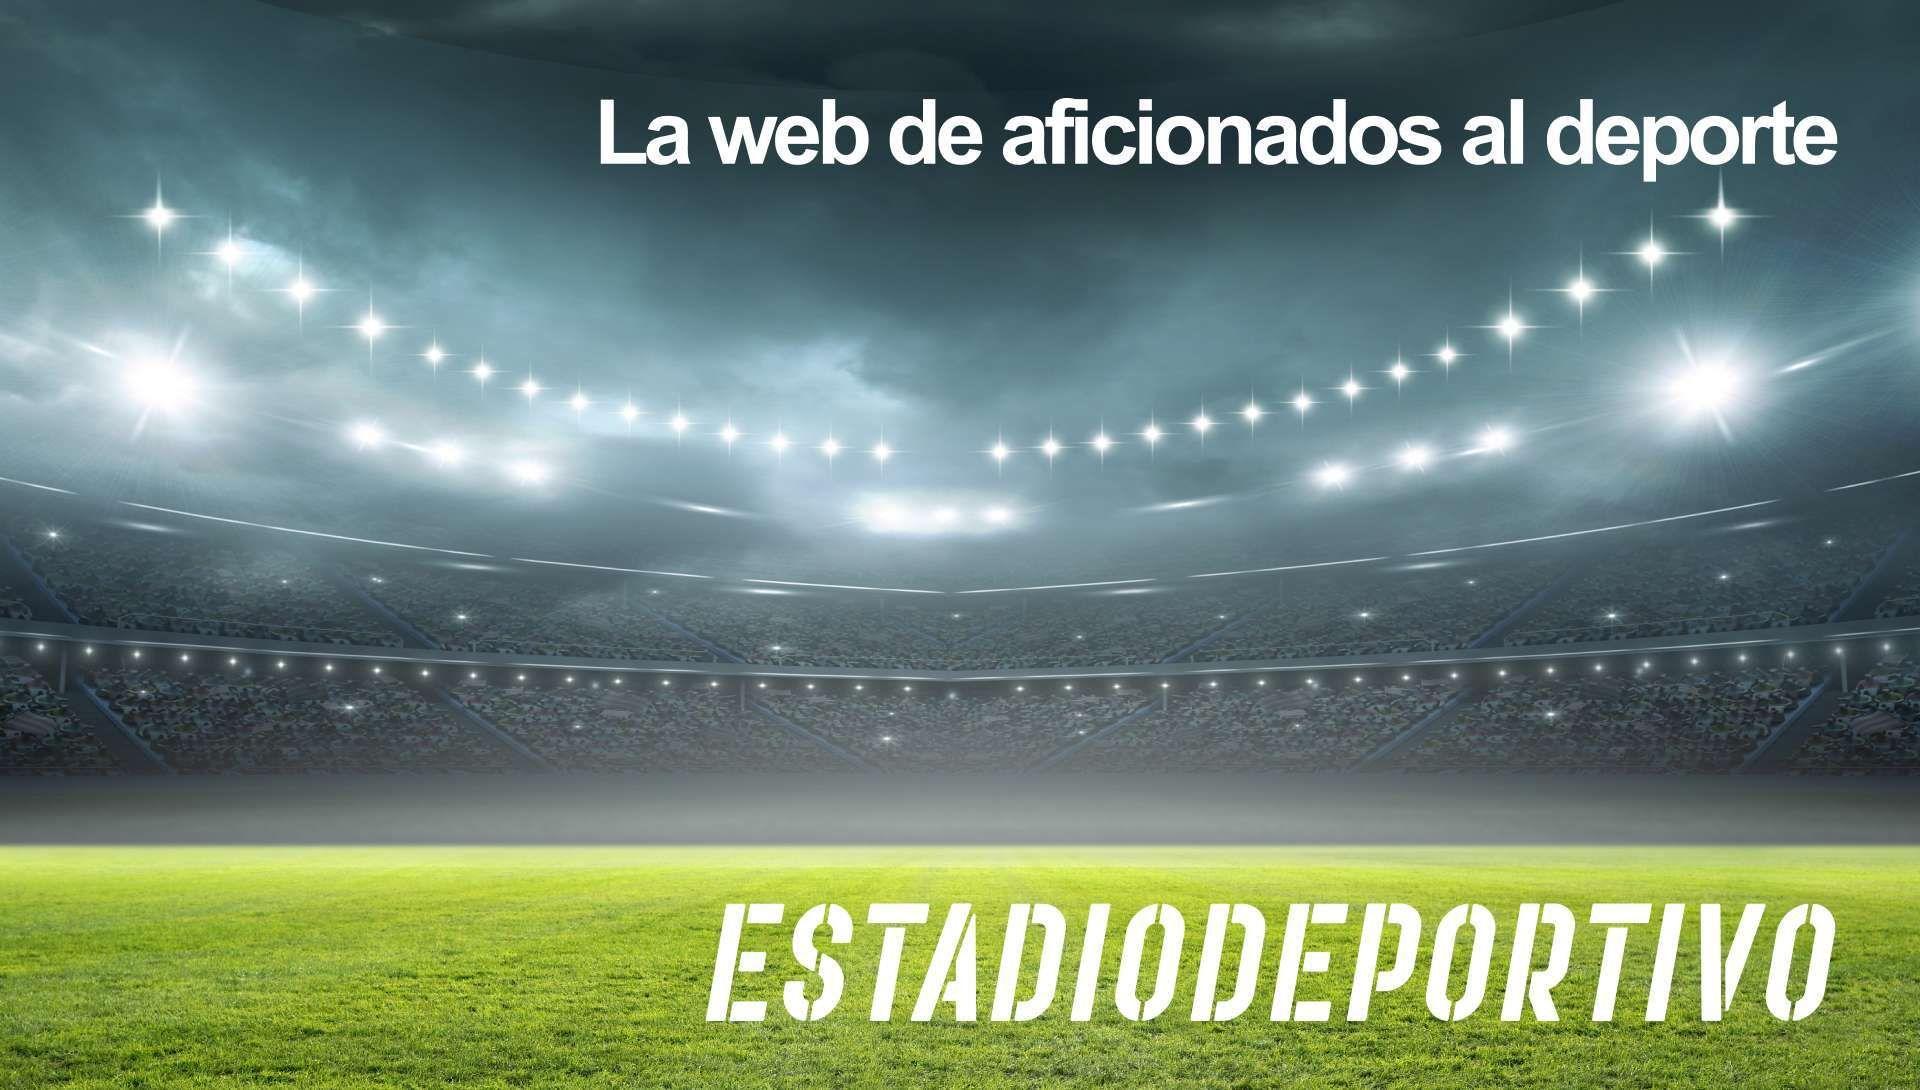 Las portadas del jueves, 11 de marzo